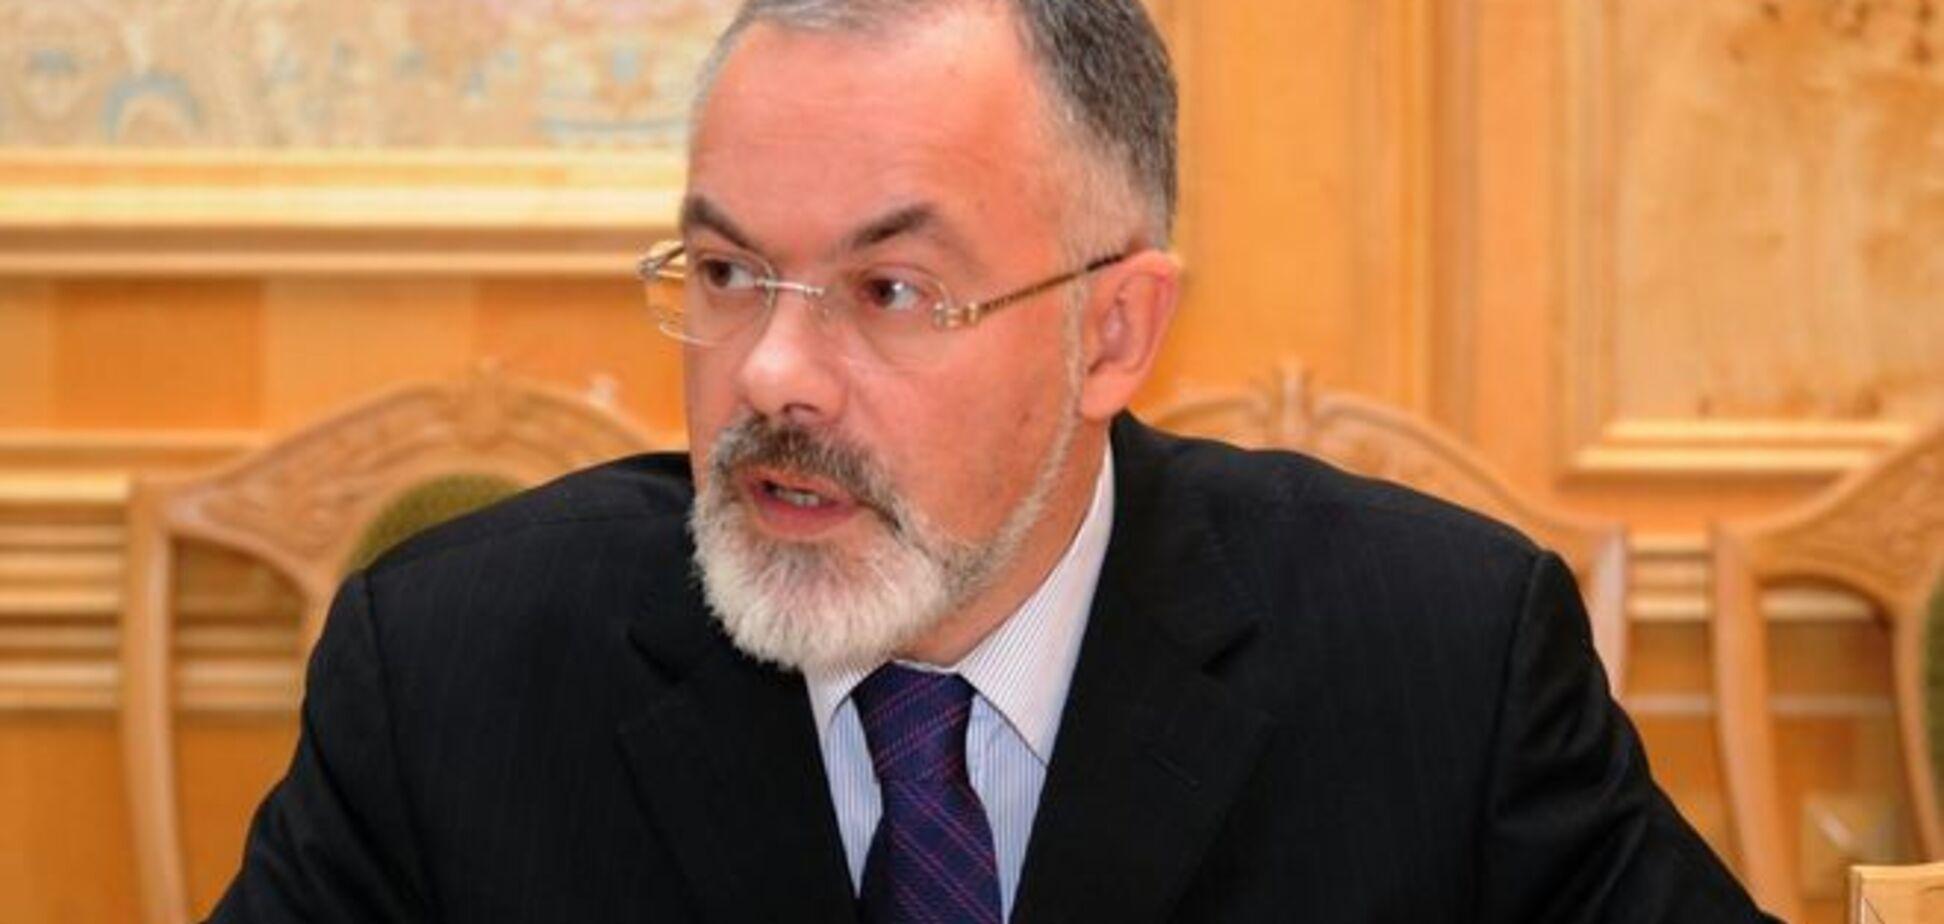 Табачник дал показания в отношении чиновников режима Януковича - Геращенко